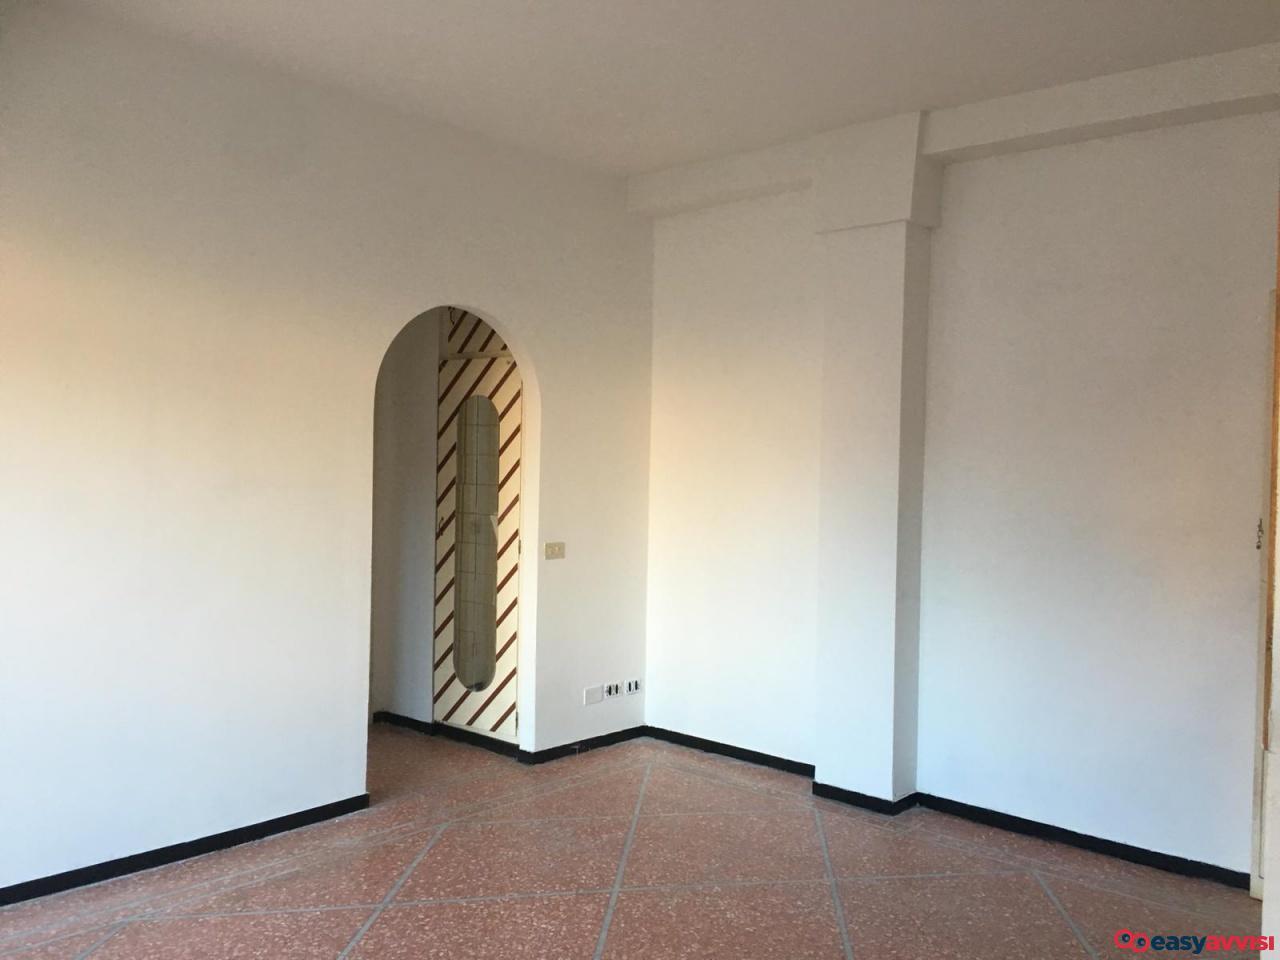 Appartamento bilocale 58 mq, citta metropolitana di genova